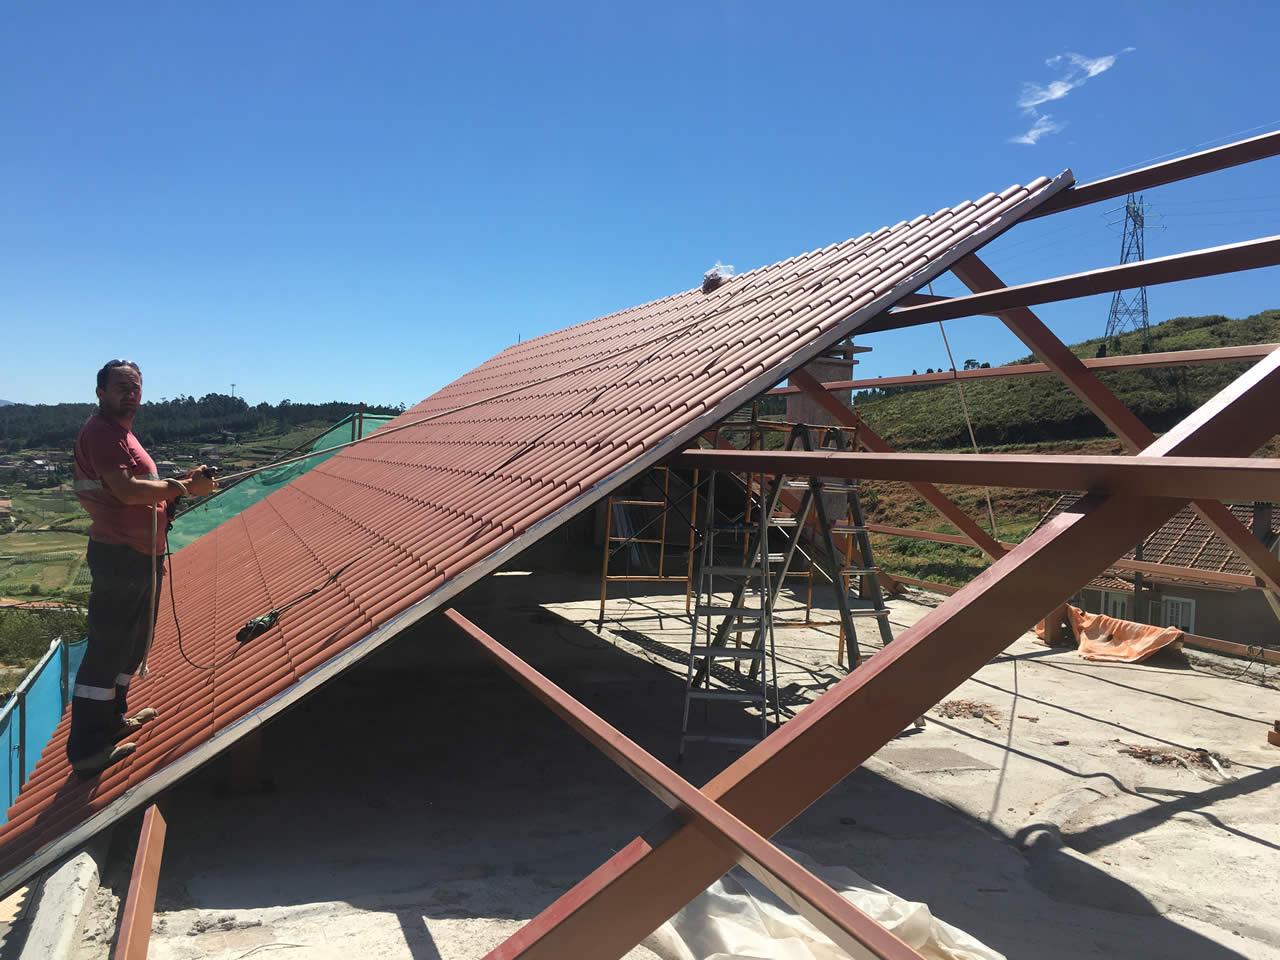 Construcción De Tejado A 2 Aguas En Verducido Pontevedra